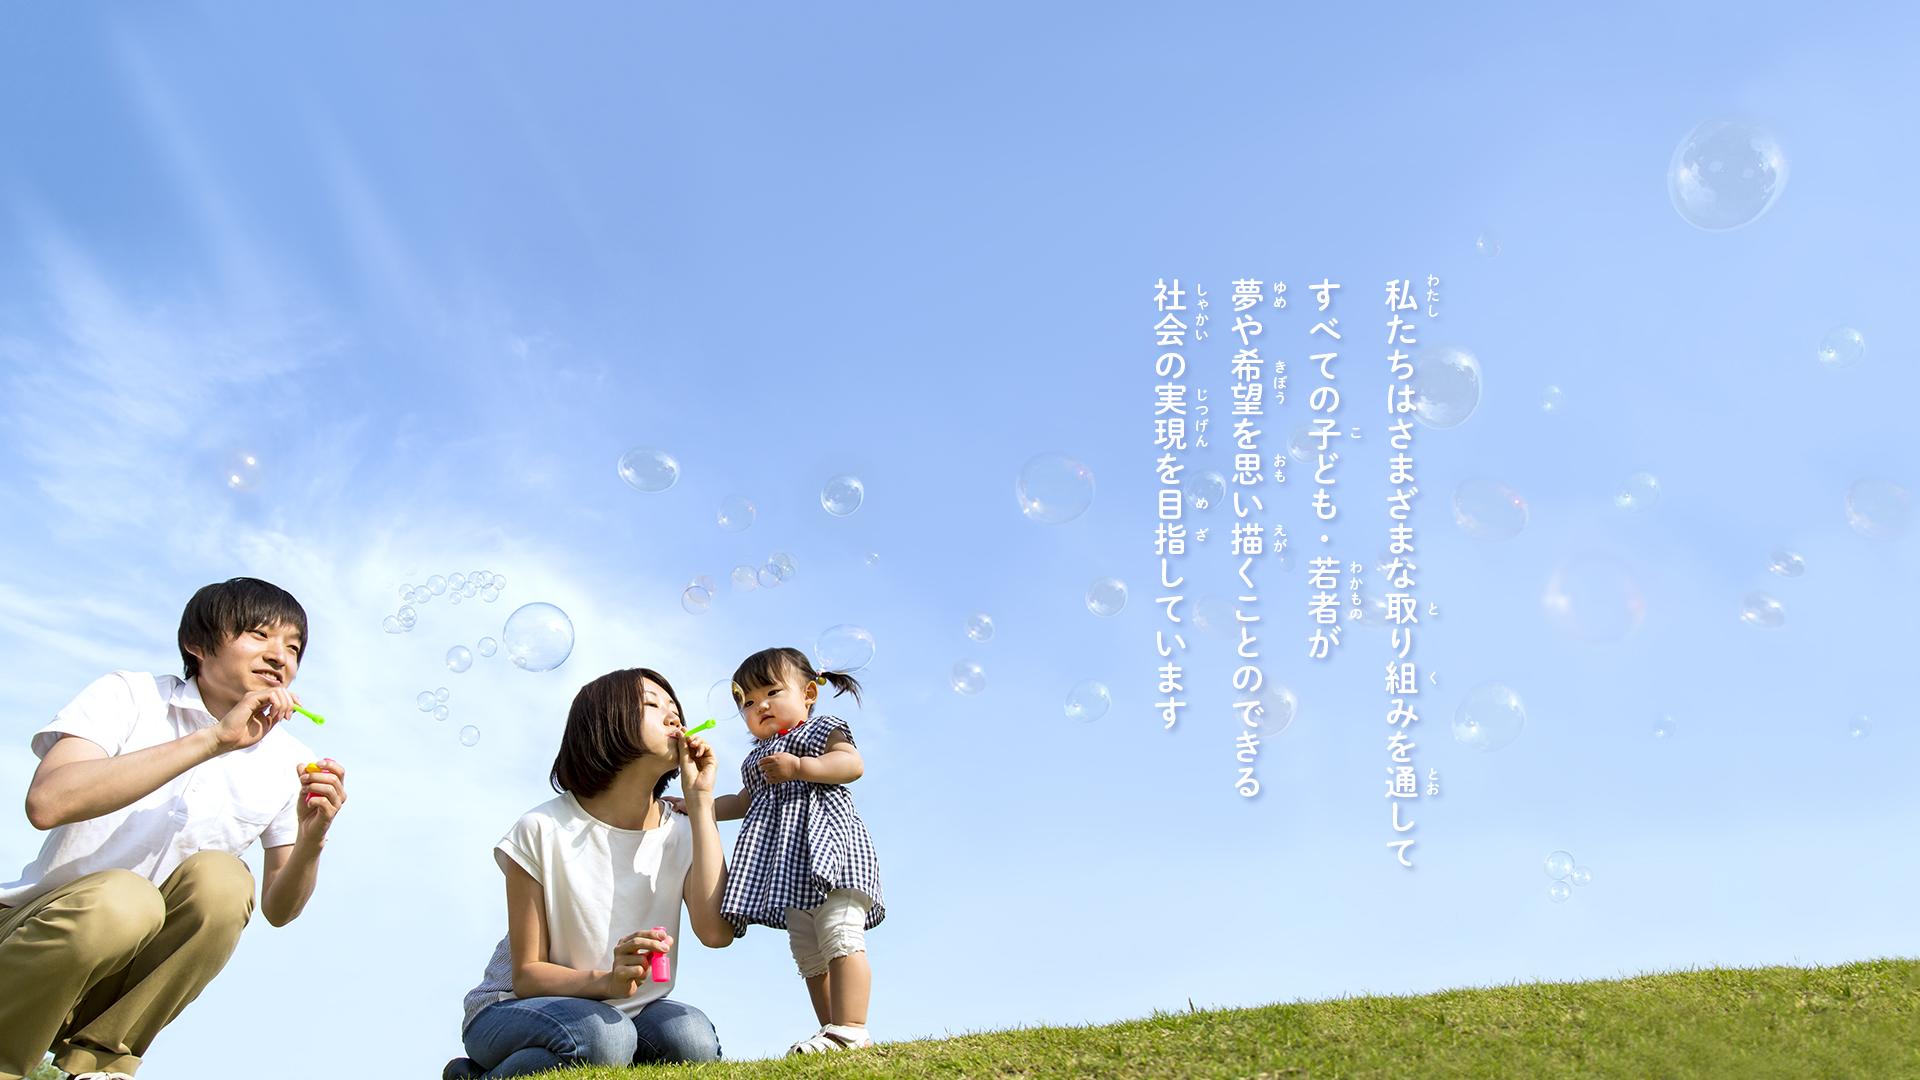 イメージ画像:親子